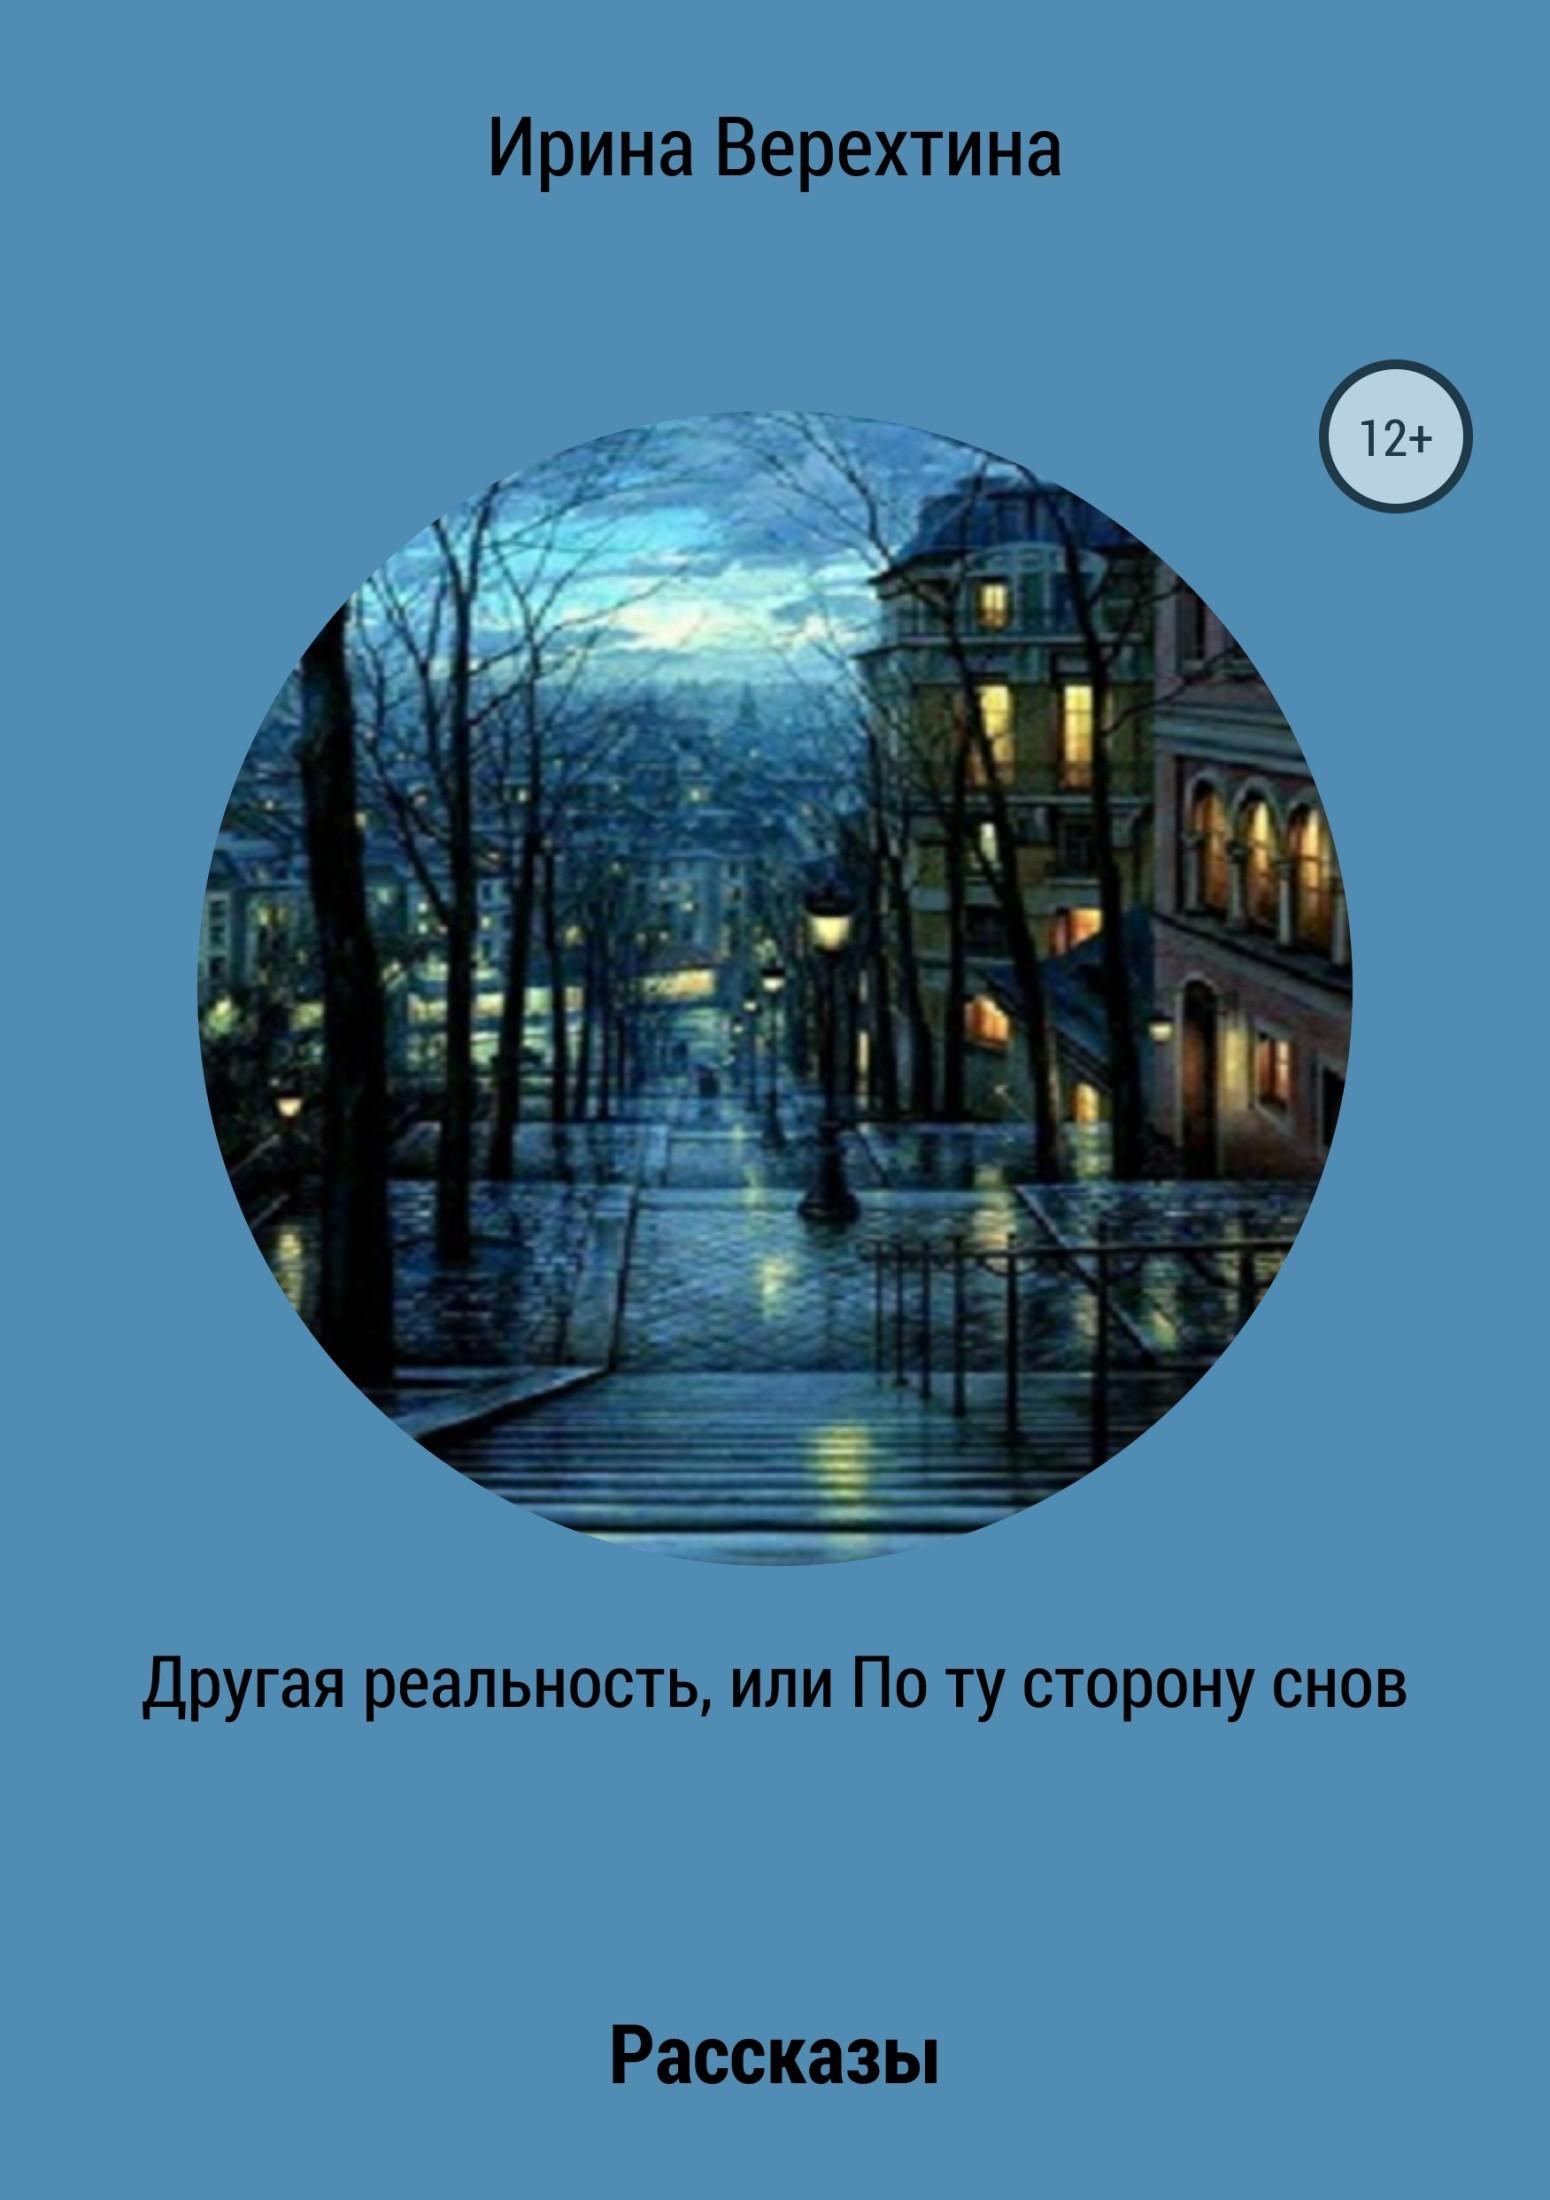 Ирина Верехтина Другая реальность, или По ту сторону снов. Сборник рассказов